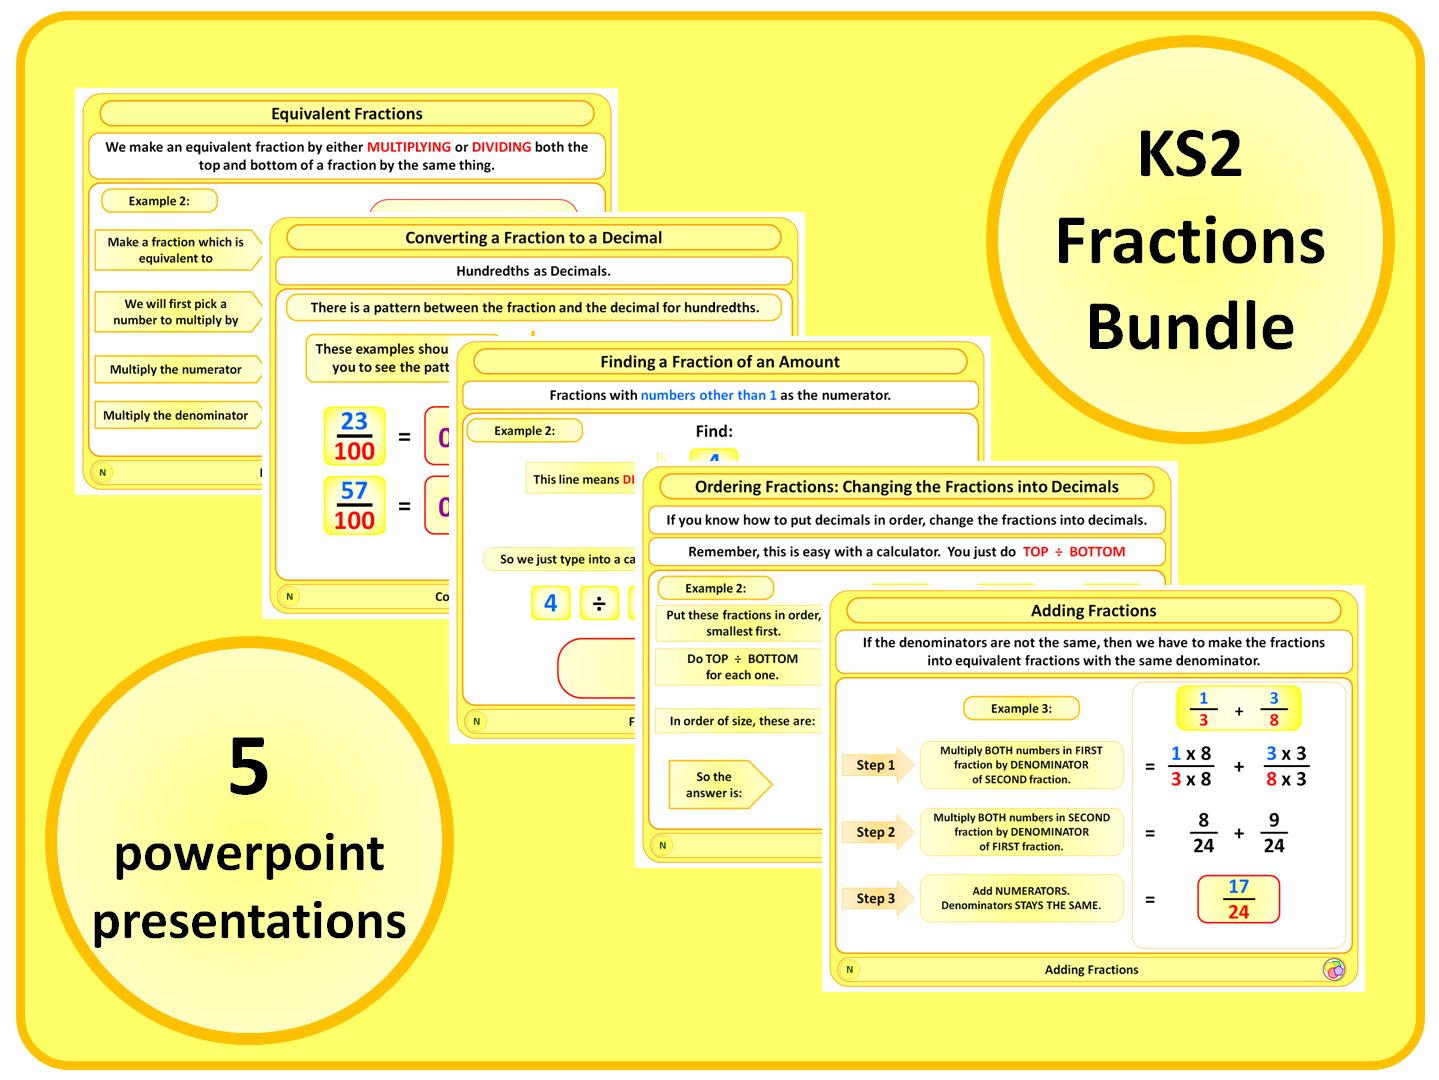 KS2 Fractions BUNDLE